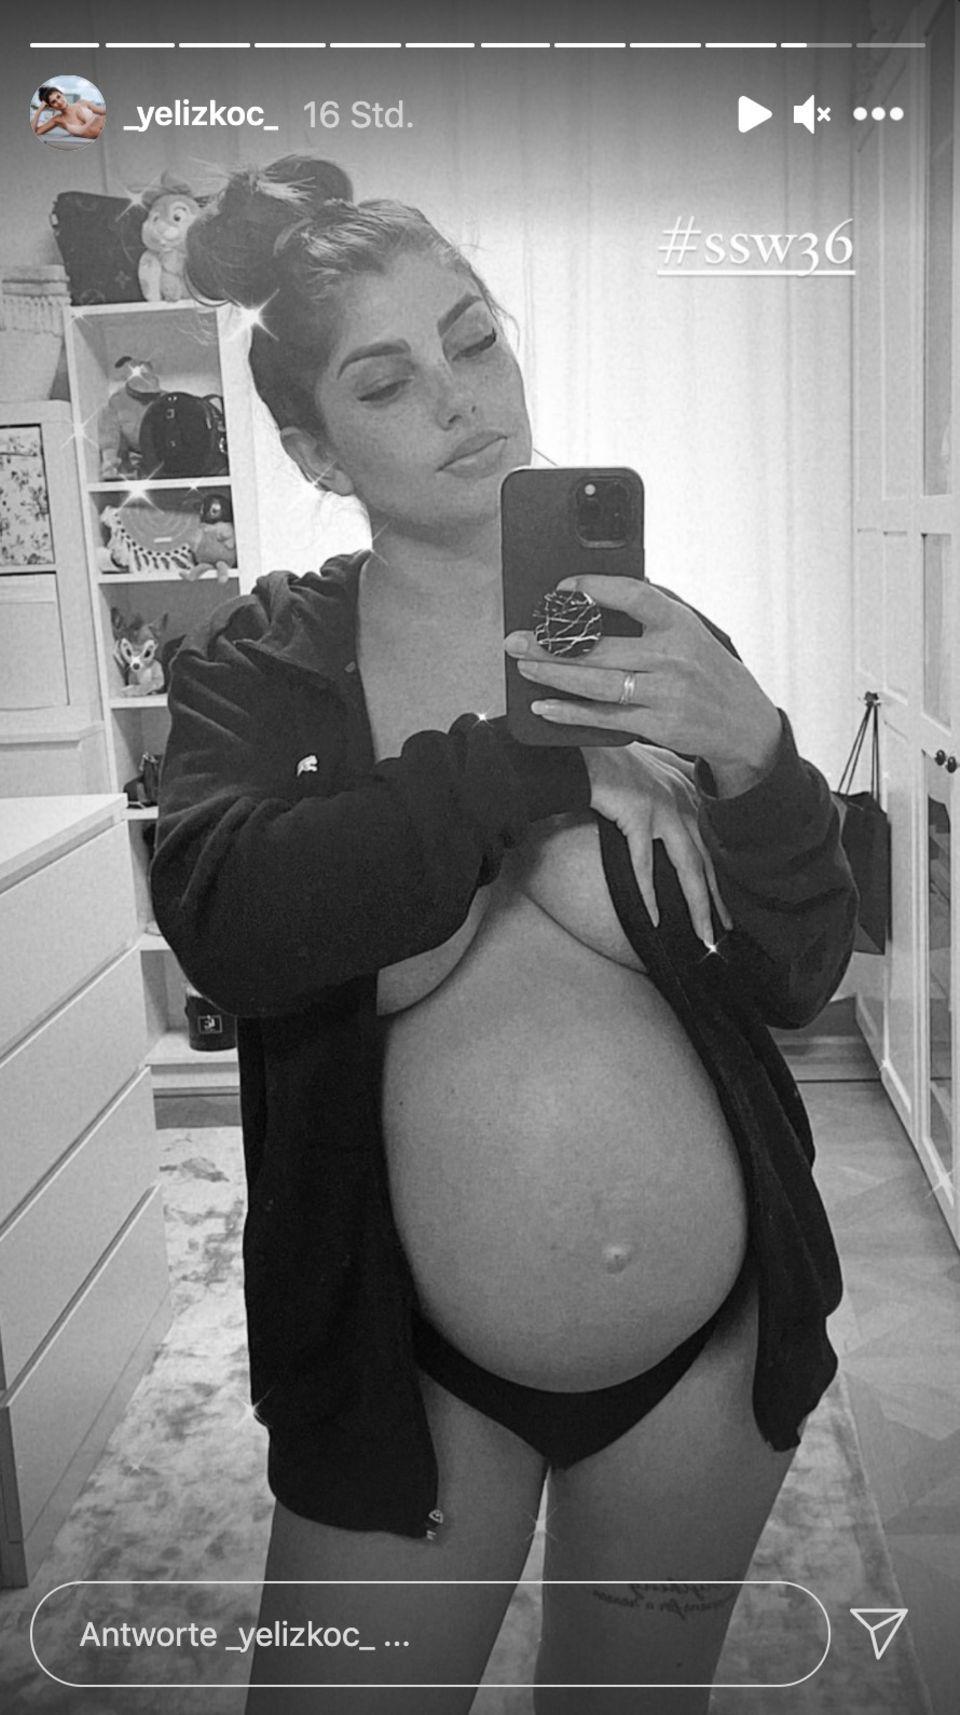 Yeliz Koc präsentiert ihren nackten Babybauch in ihrer Instagram-Story.